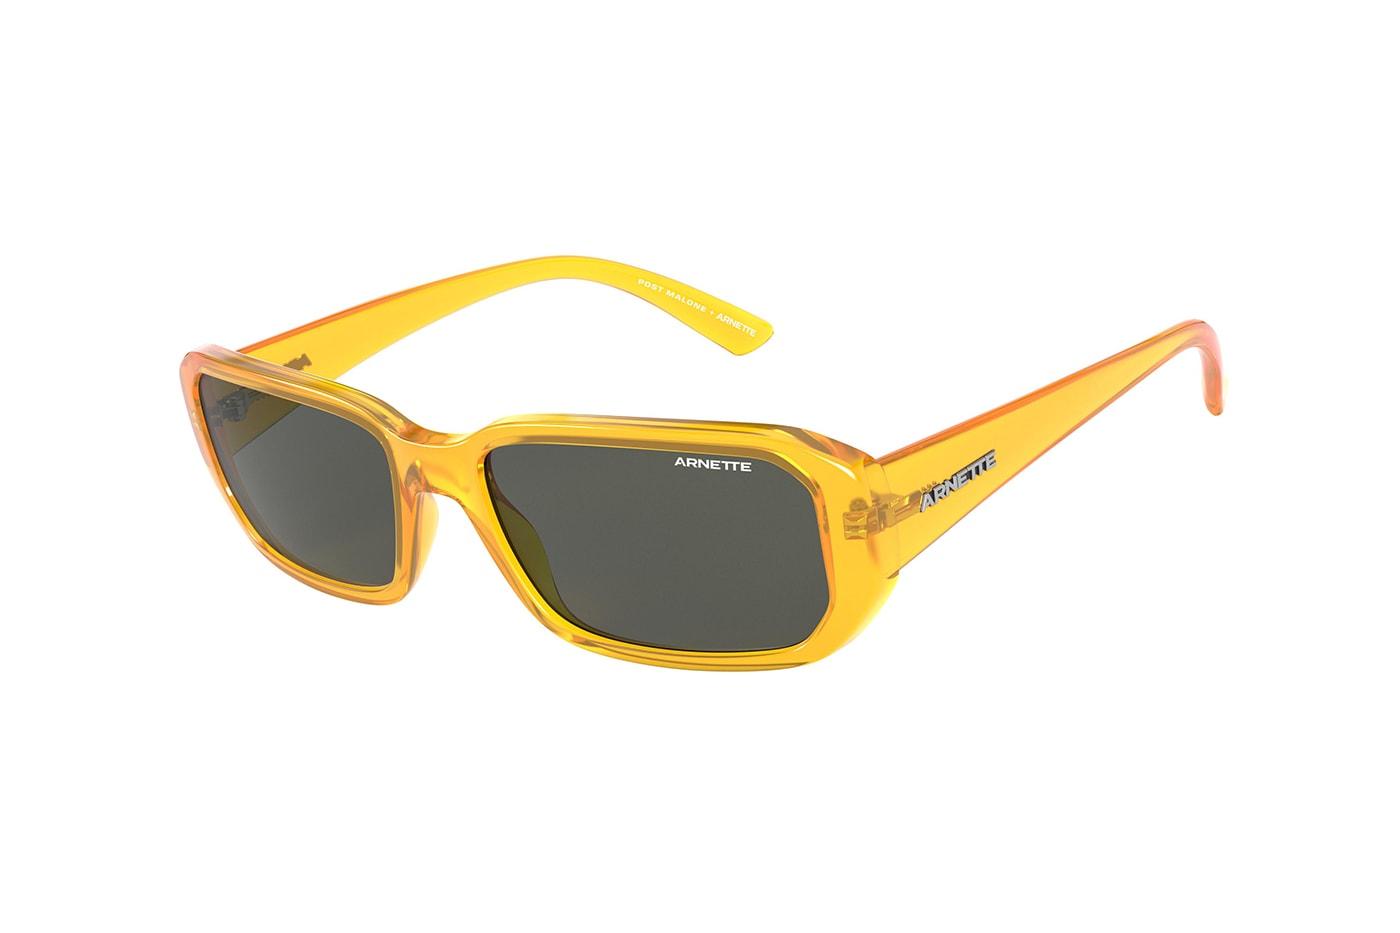 Post Malone Arnette Signature Collection Sunglasses Release AN 4265 Black White Grey Orange